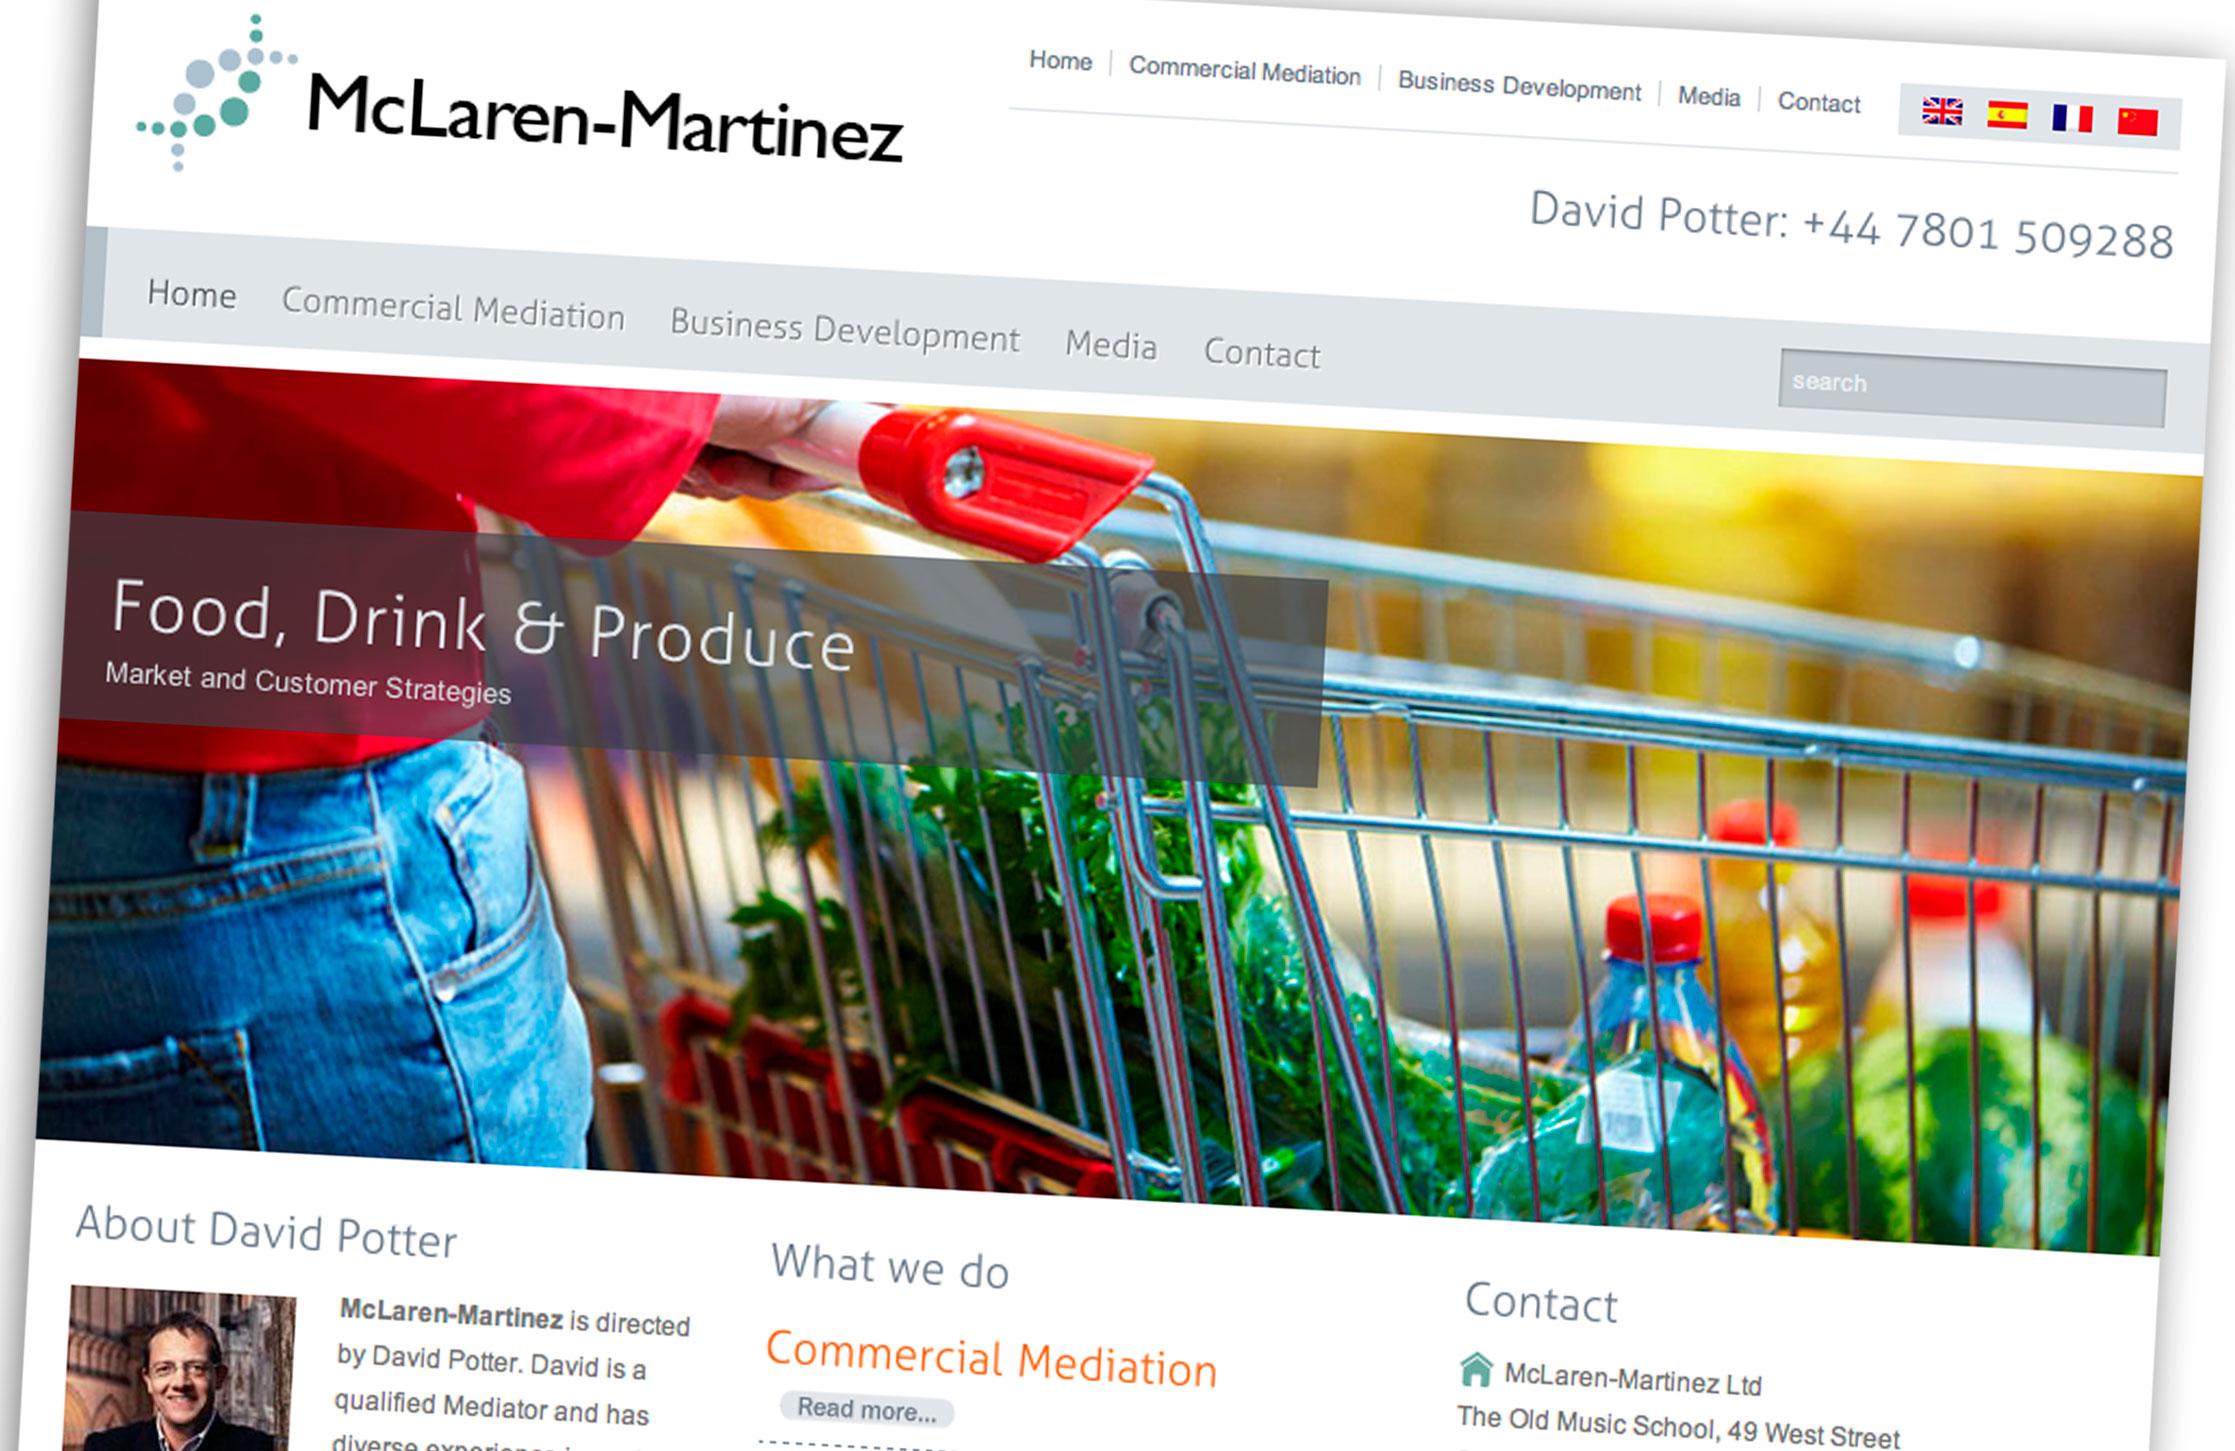 Mclaren-Martinez Website